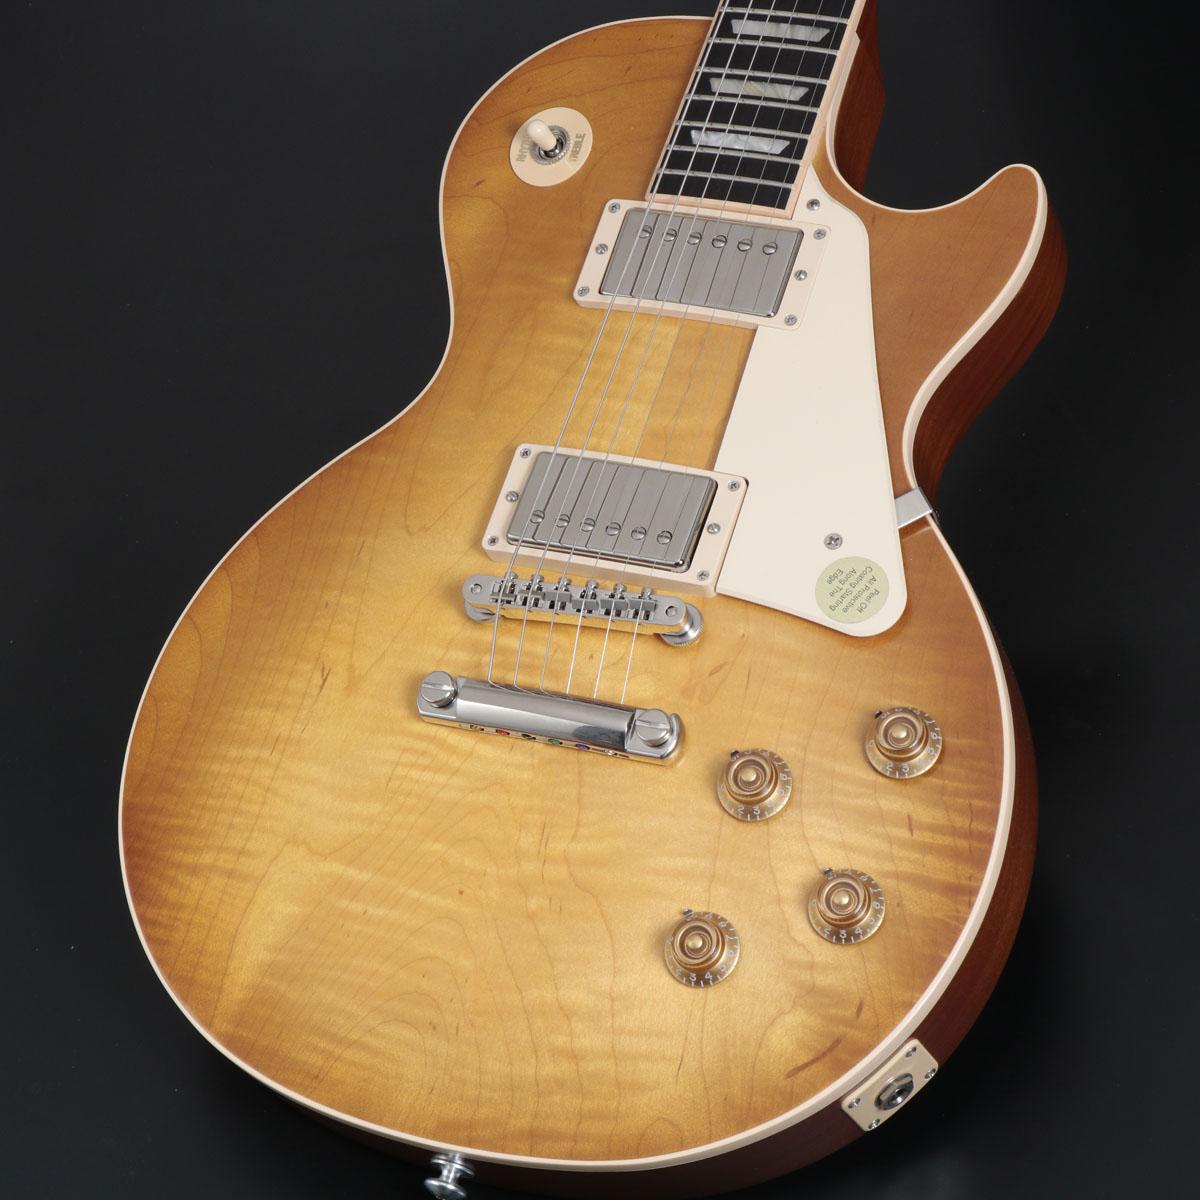 往年の仕様をベースにサテン仕上げを施した2019年スタンダード Gibson USA / Les Paul Standard 2019 Faded Satin Honeyburst 50s Plain Top 【チョイキズ特価品】【S/N 190039514】【OCZBG】【御茶ノ水本店】